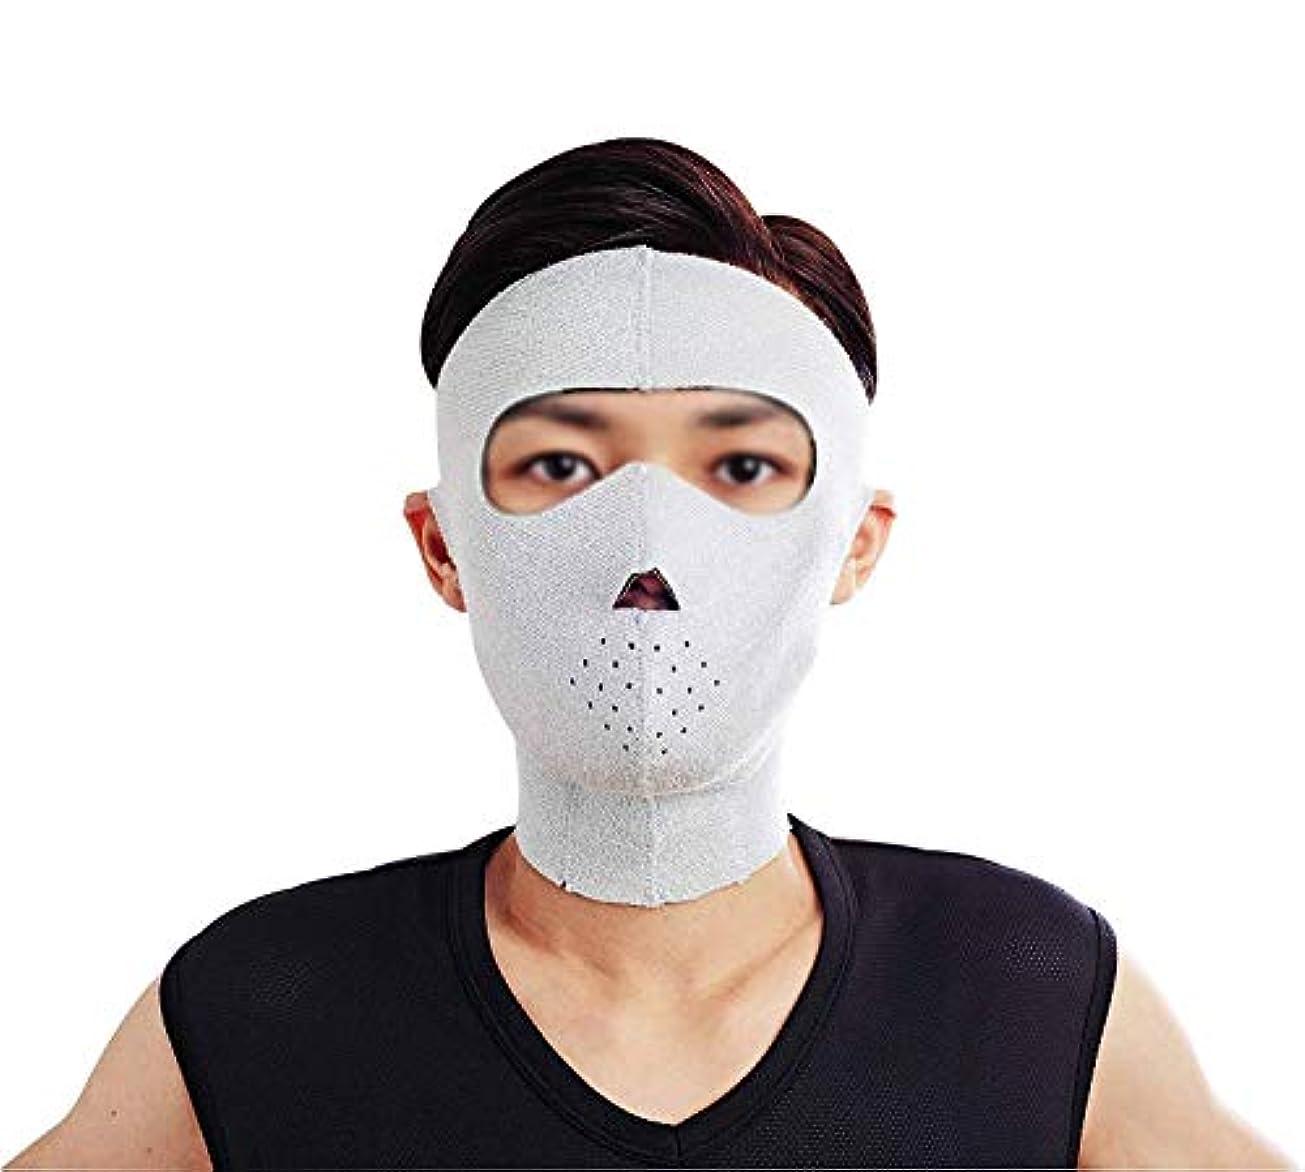 然とした良性提供するフェイスリフトマスク、フェイシャルマスクプラス薄いフェイスマスクタイトなたるみの薄いフェイスマスクフェイシャル薄いフェイスマスクアーティファクトビューティー男性ネックストラップ付き